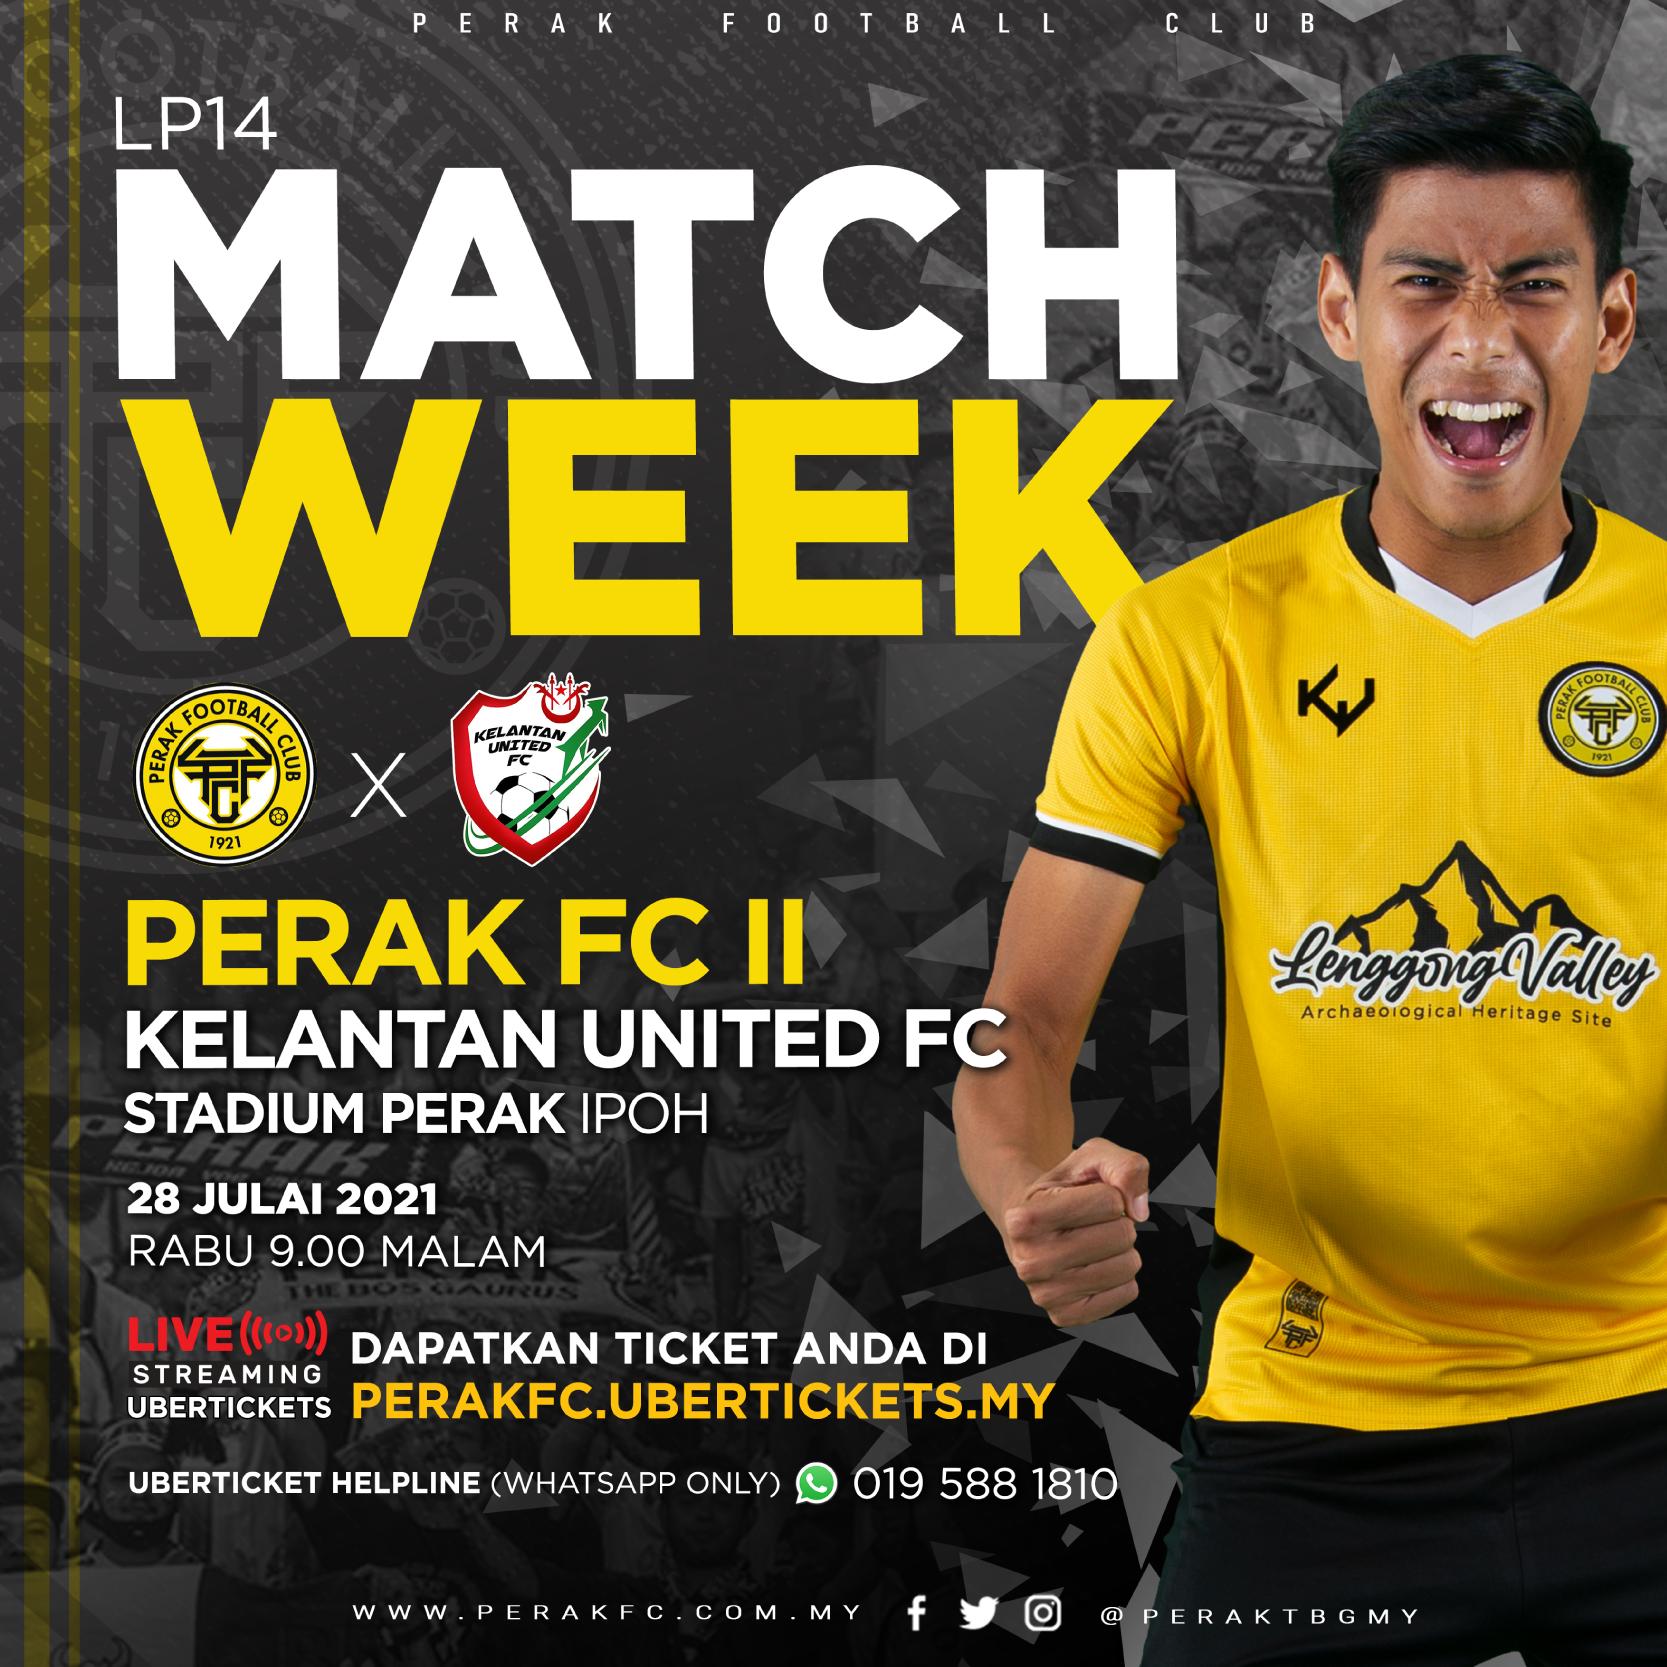 PERAK FC 2 vs. KELANTAN UNITED FC